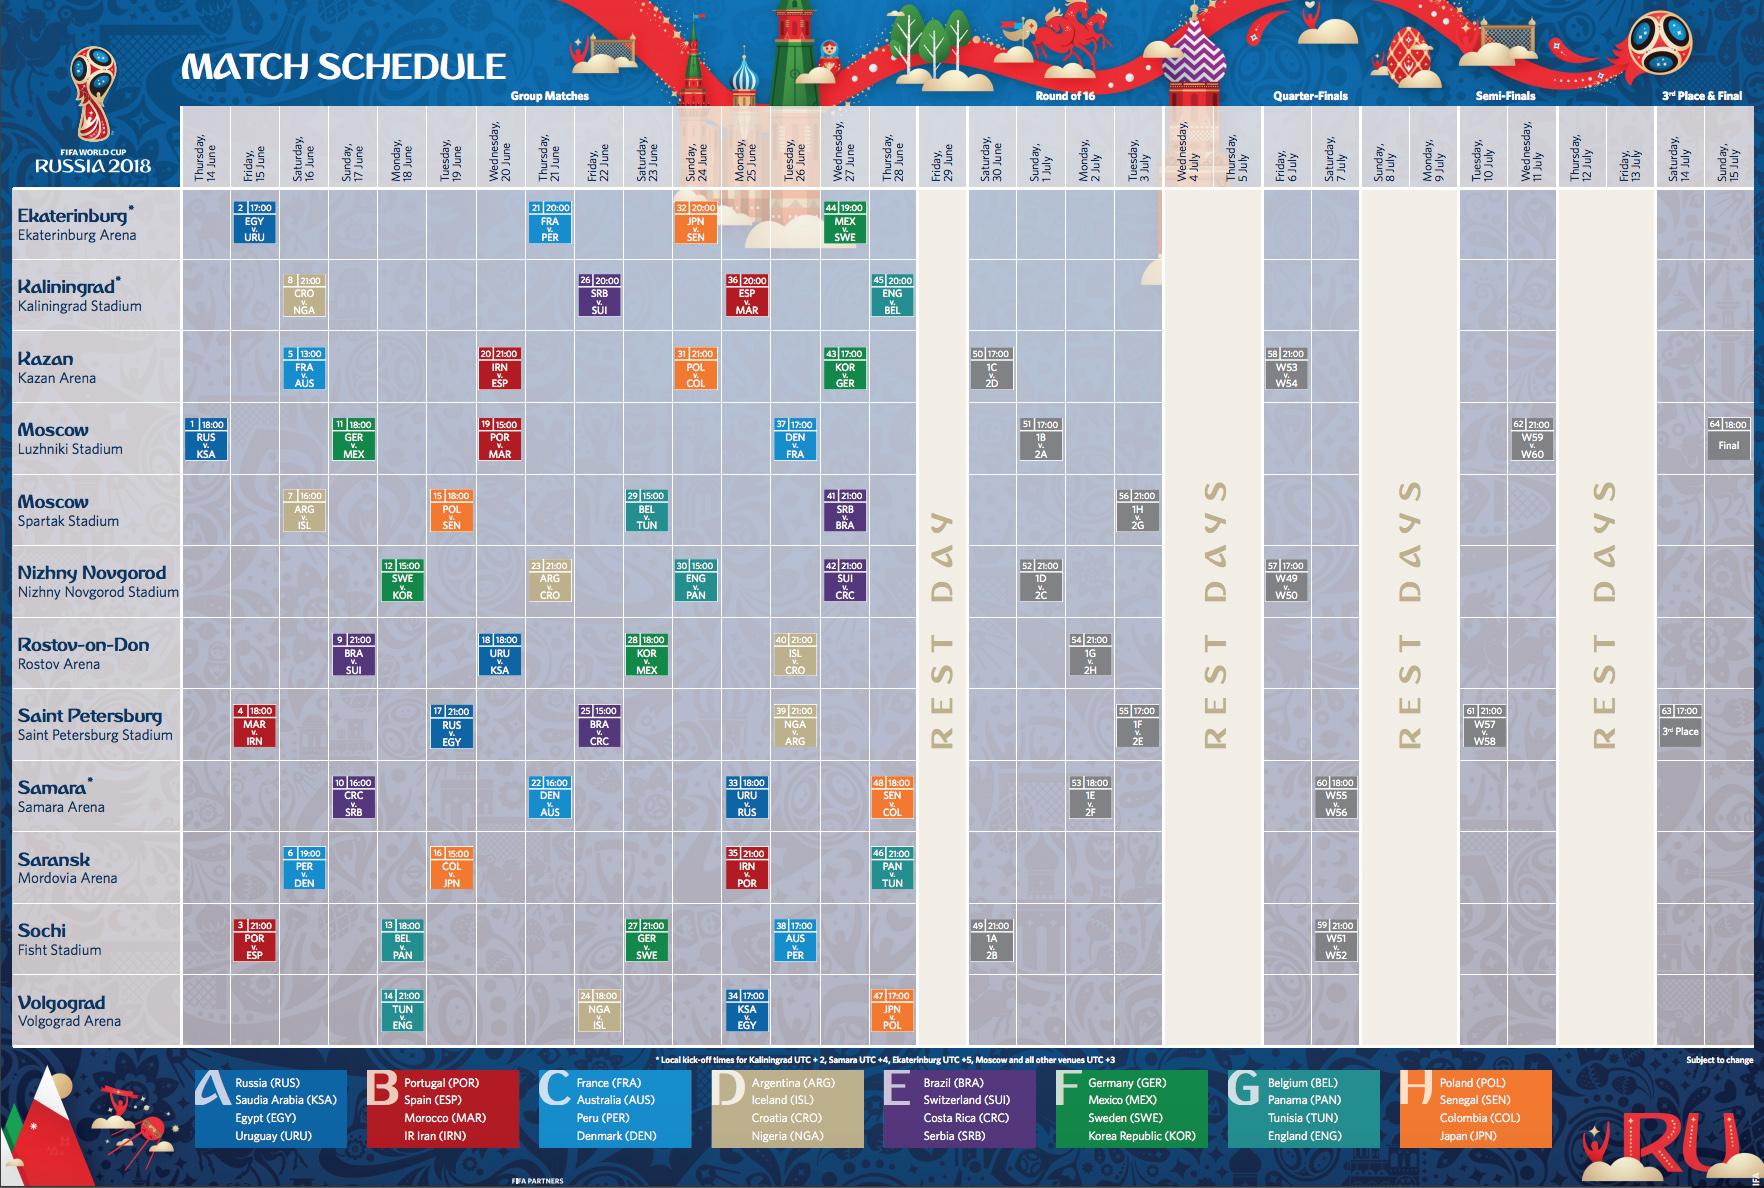 tabela de jogos copa do mundo russia 2018